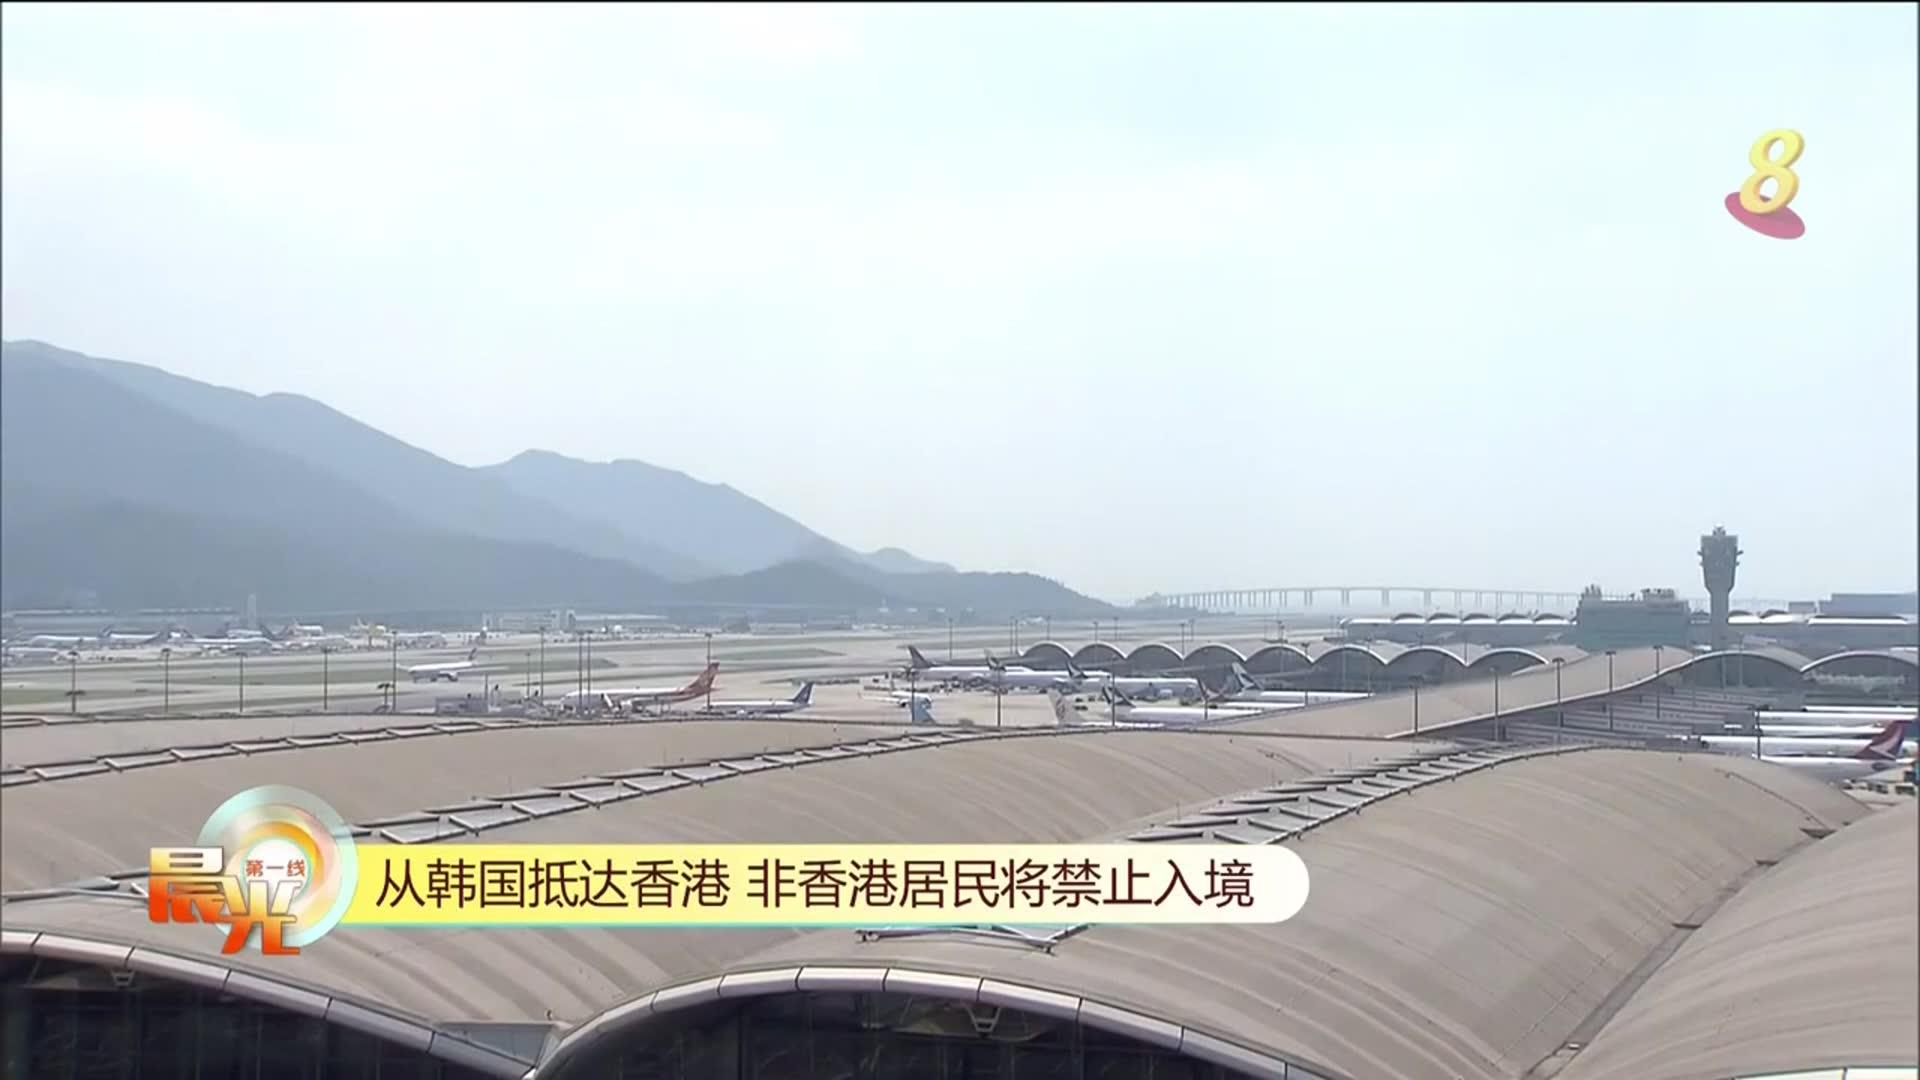 【冠状病毒19】从韩国抵达香港 非香港居民将禁止入境